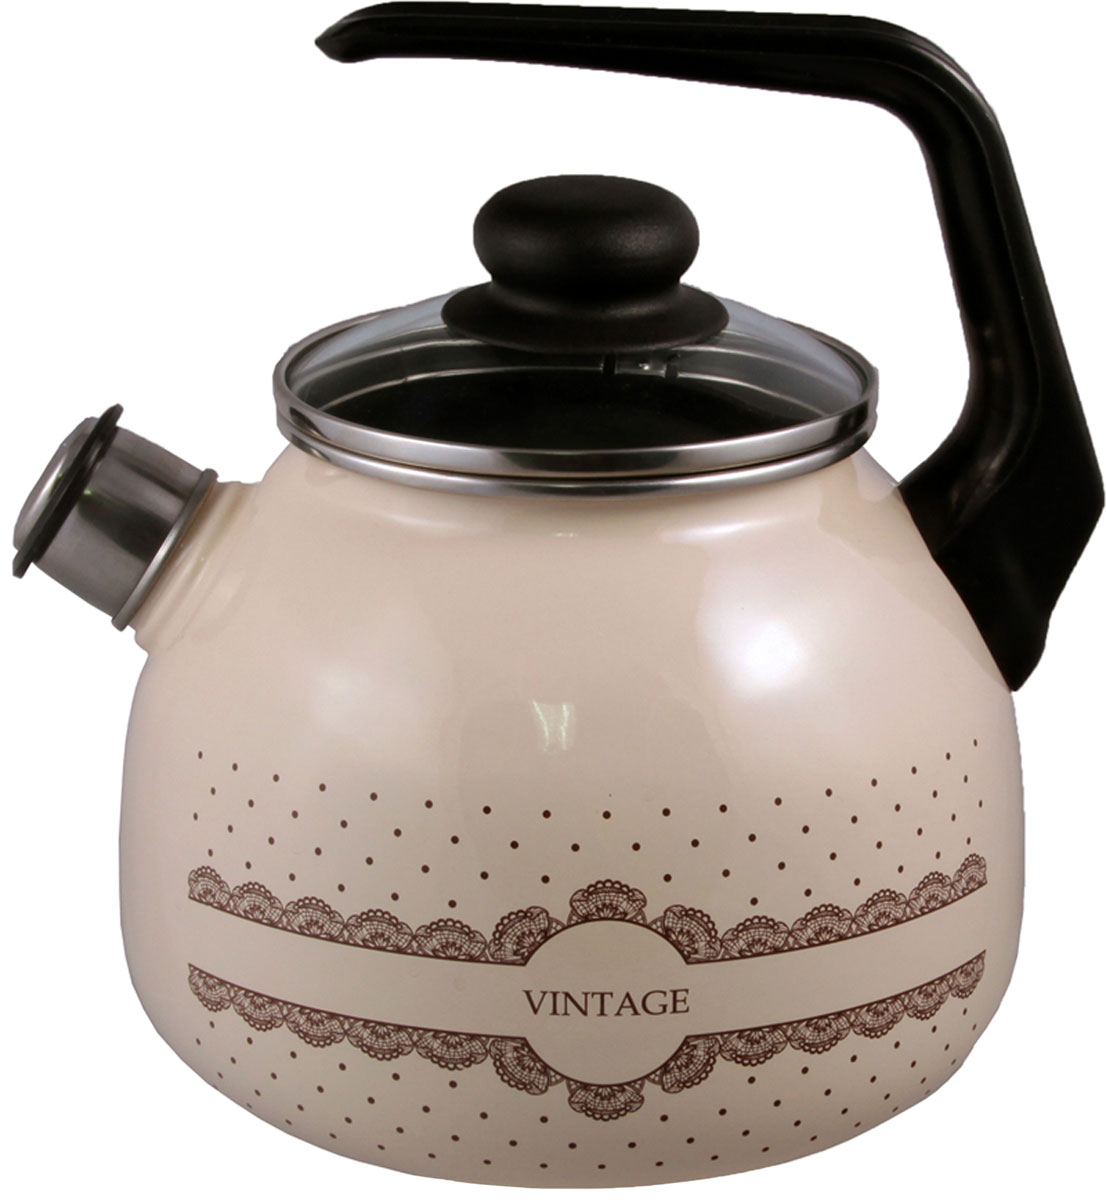 """Чайник эмалированный Appetite """"Vintage"""" - гигиеничен и устойчив к износу при длительном использовании. Гладкая и ровная поверхность существенно облегчает уход за посудой."""